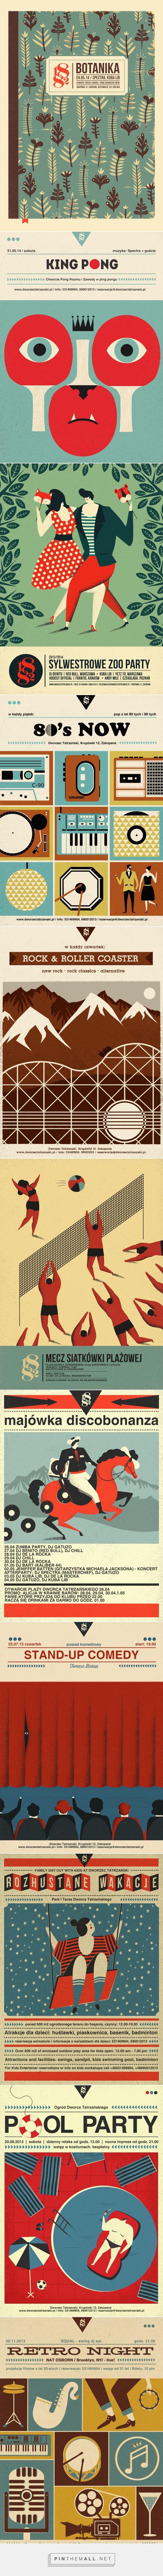 dworzec tatrzański bar & restaurant | posters on Behance